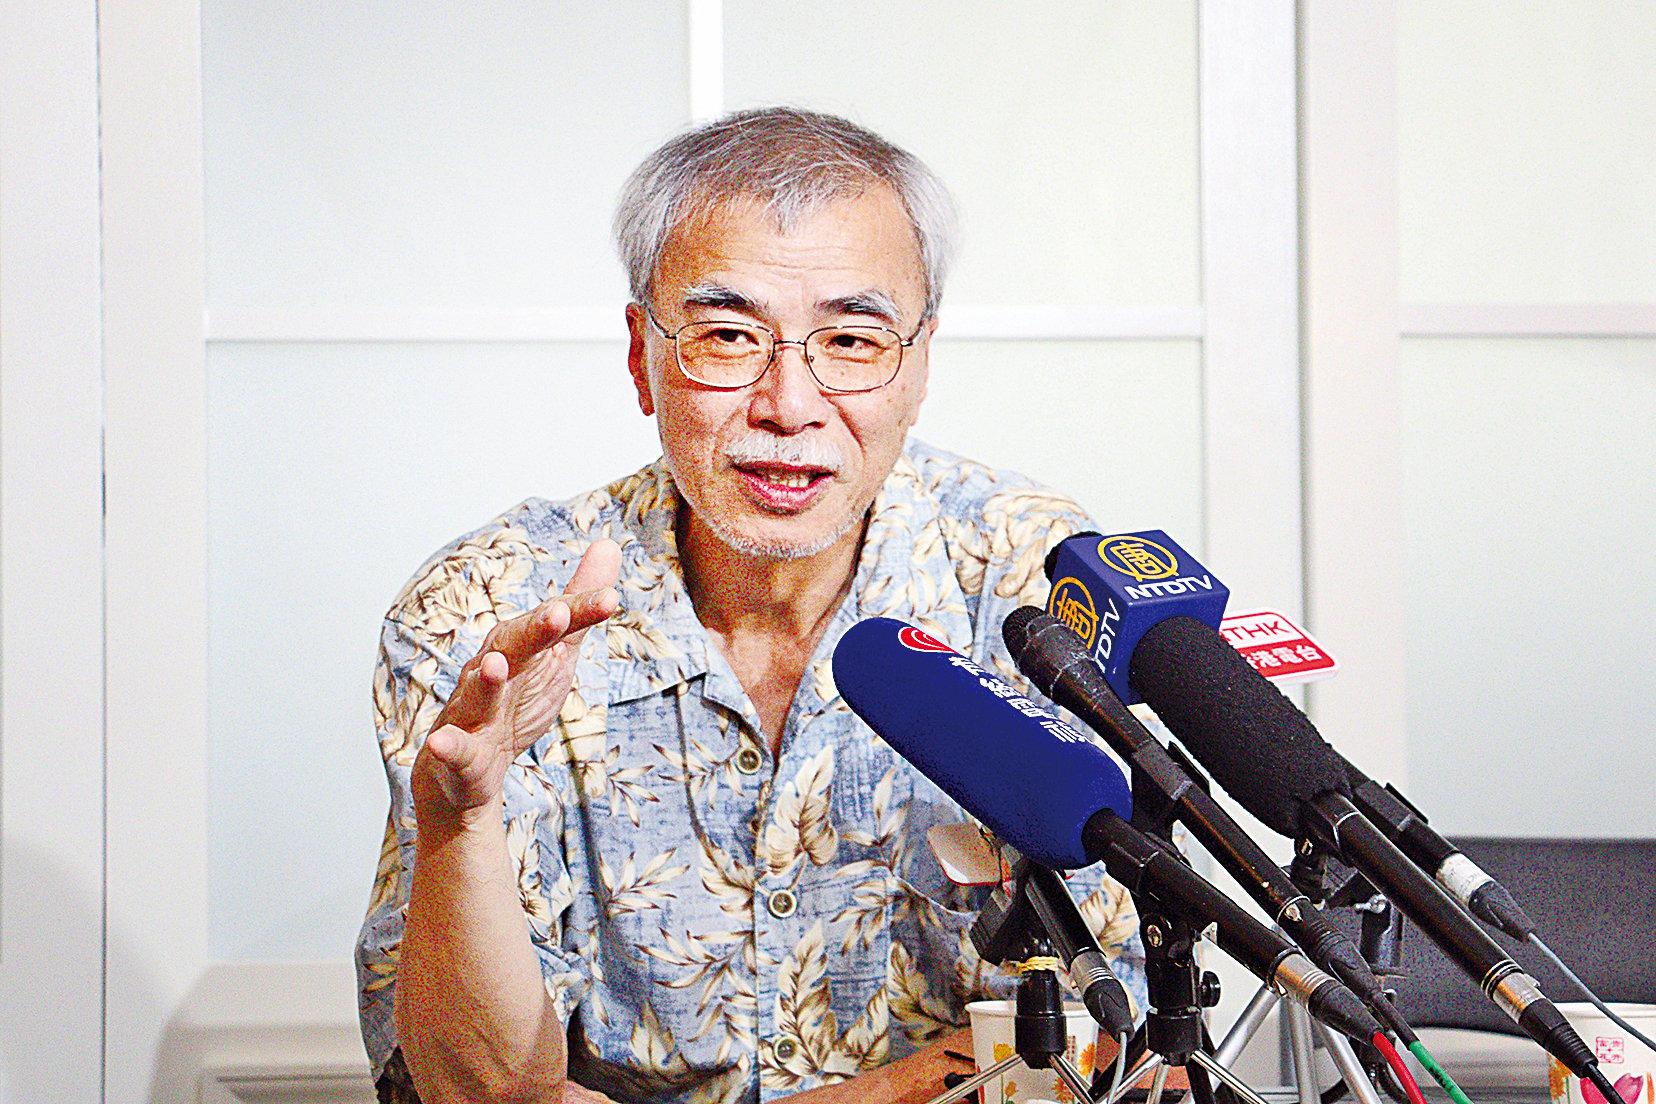 練乙錚提醒,如果當局再拋出新的政改方案一定是騙局,並指中共已暗中從各領域赤化香港。(蔡雯文/大紀元)